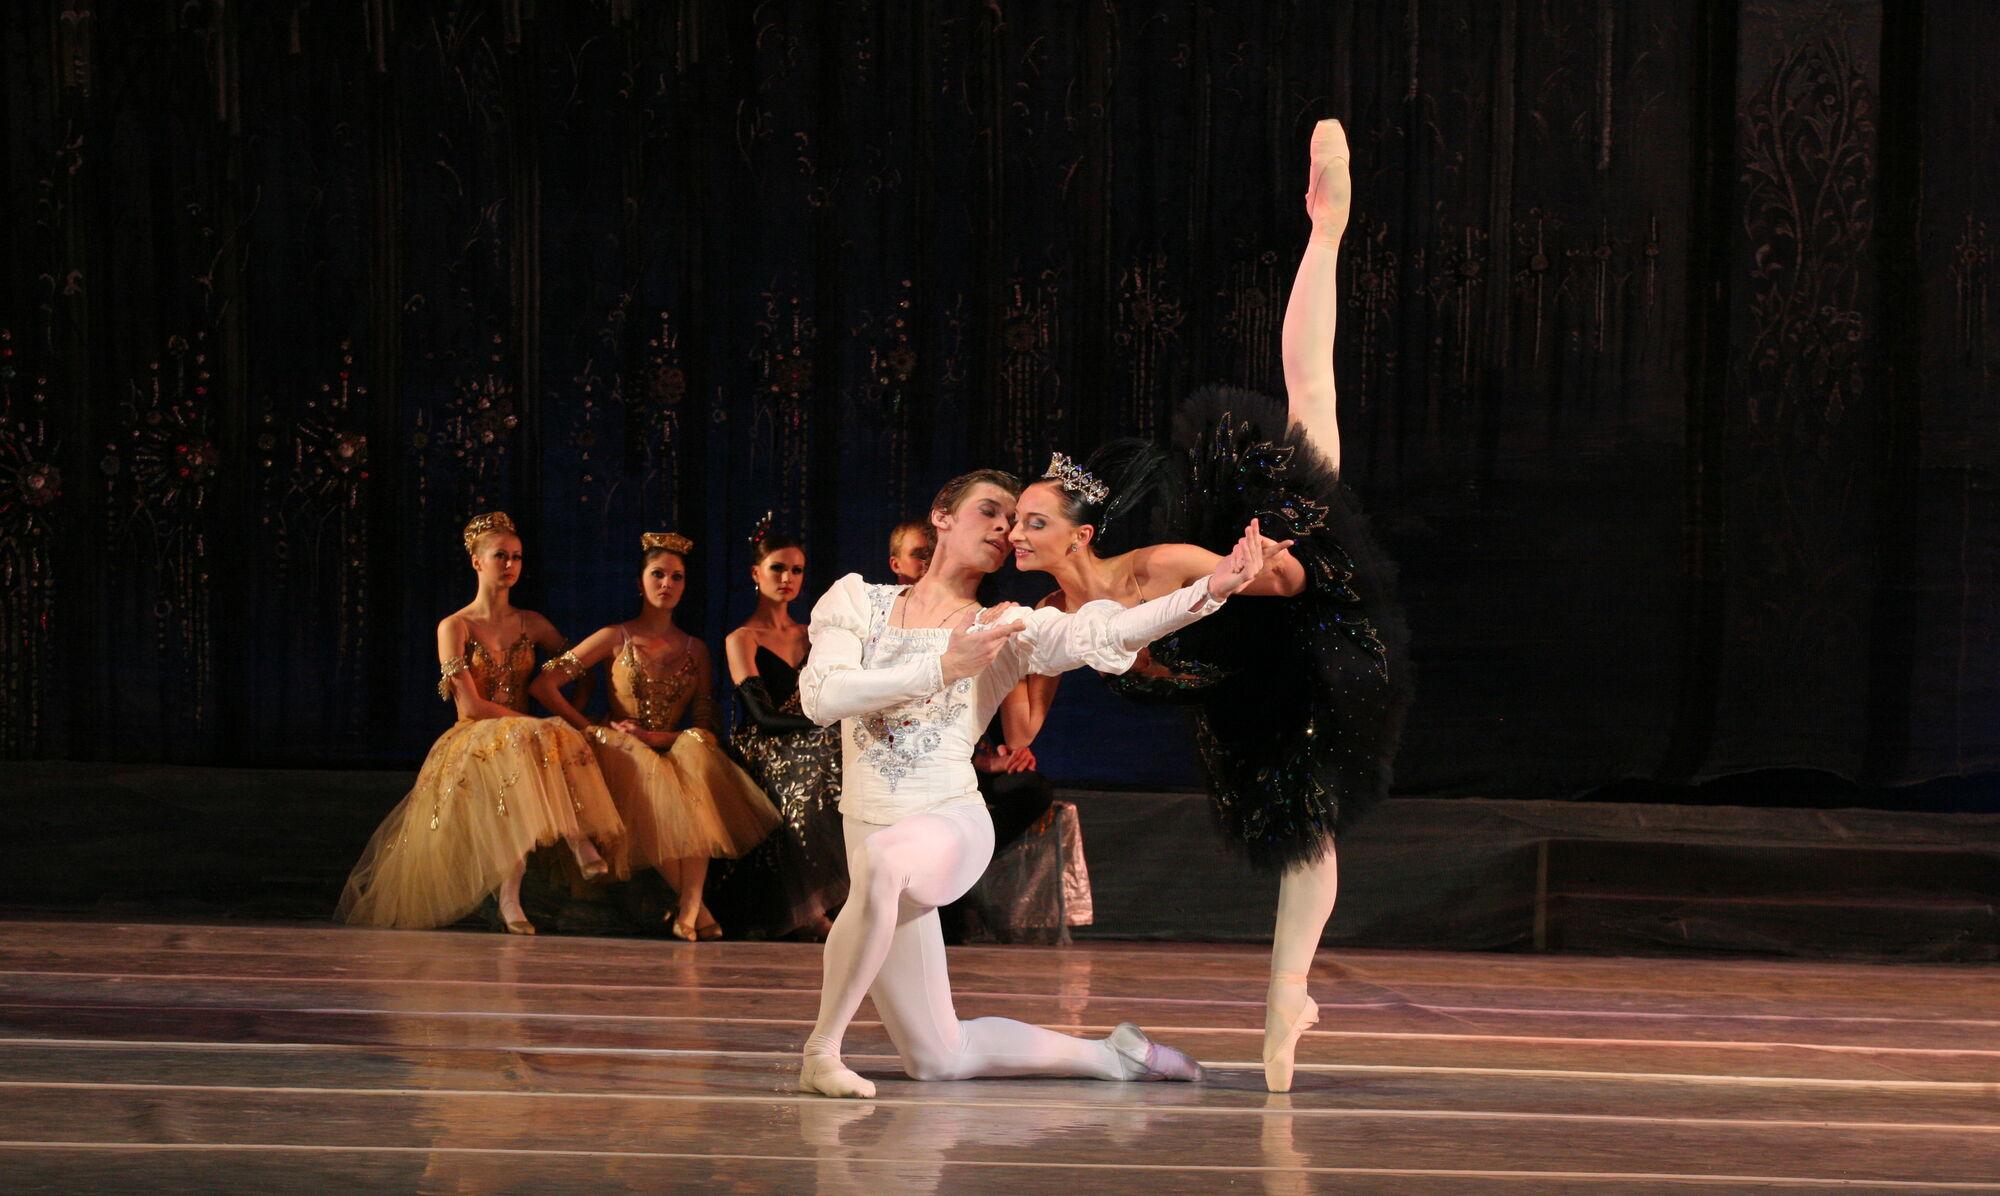 Балерина Христина Шишпор: слава Богу, я не в шоу-бізнесі!